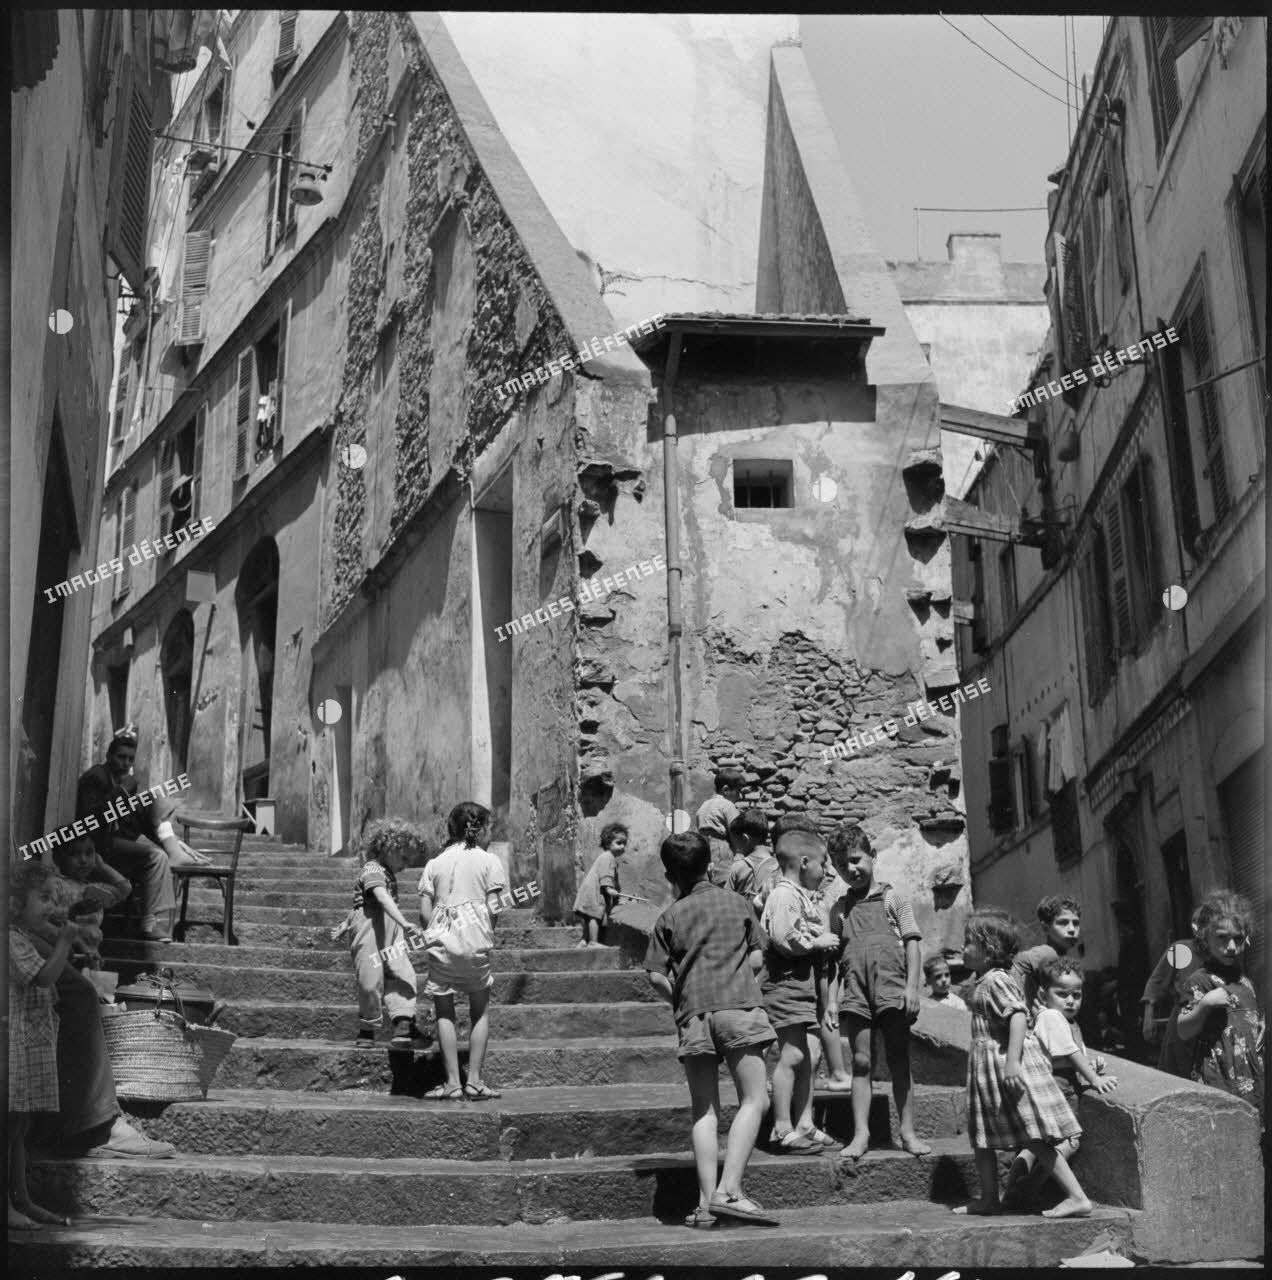 Les enfants du quartier de la Casbah jouant dans la rue.